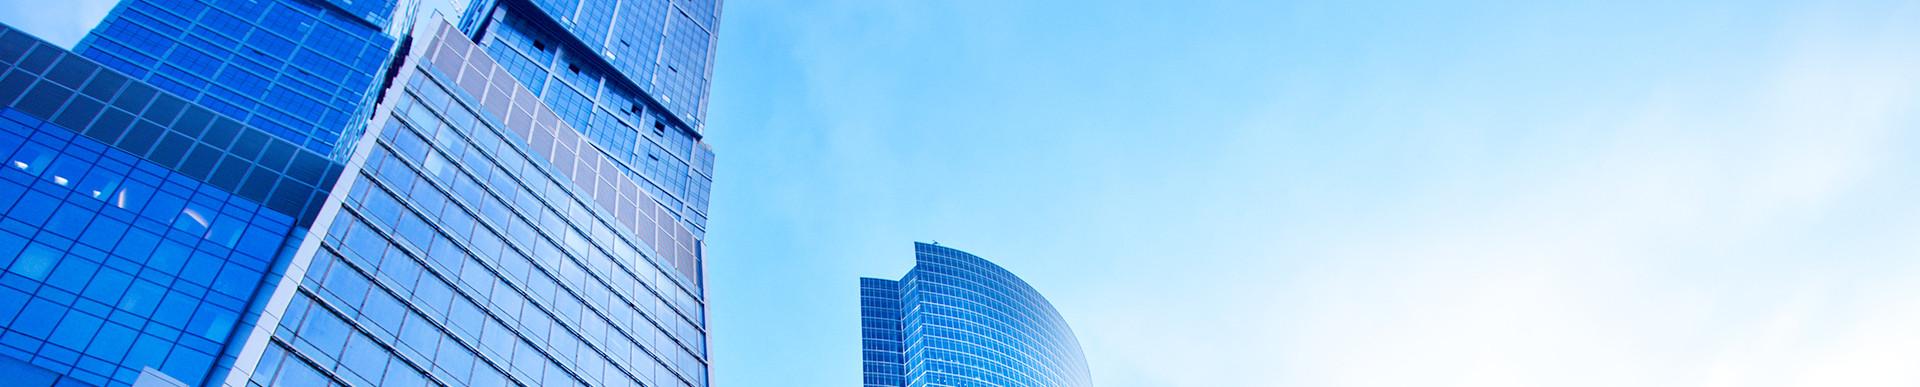 15年企业通信服务,提供一站式IP通信方案